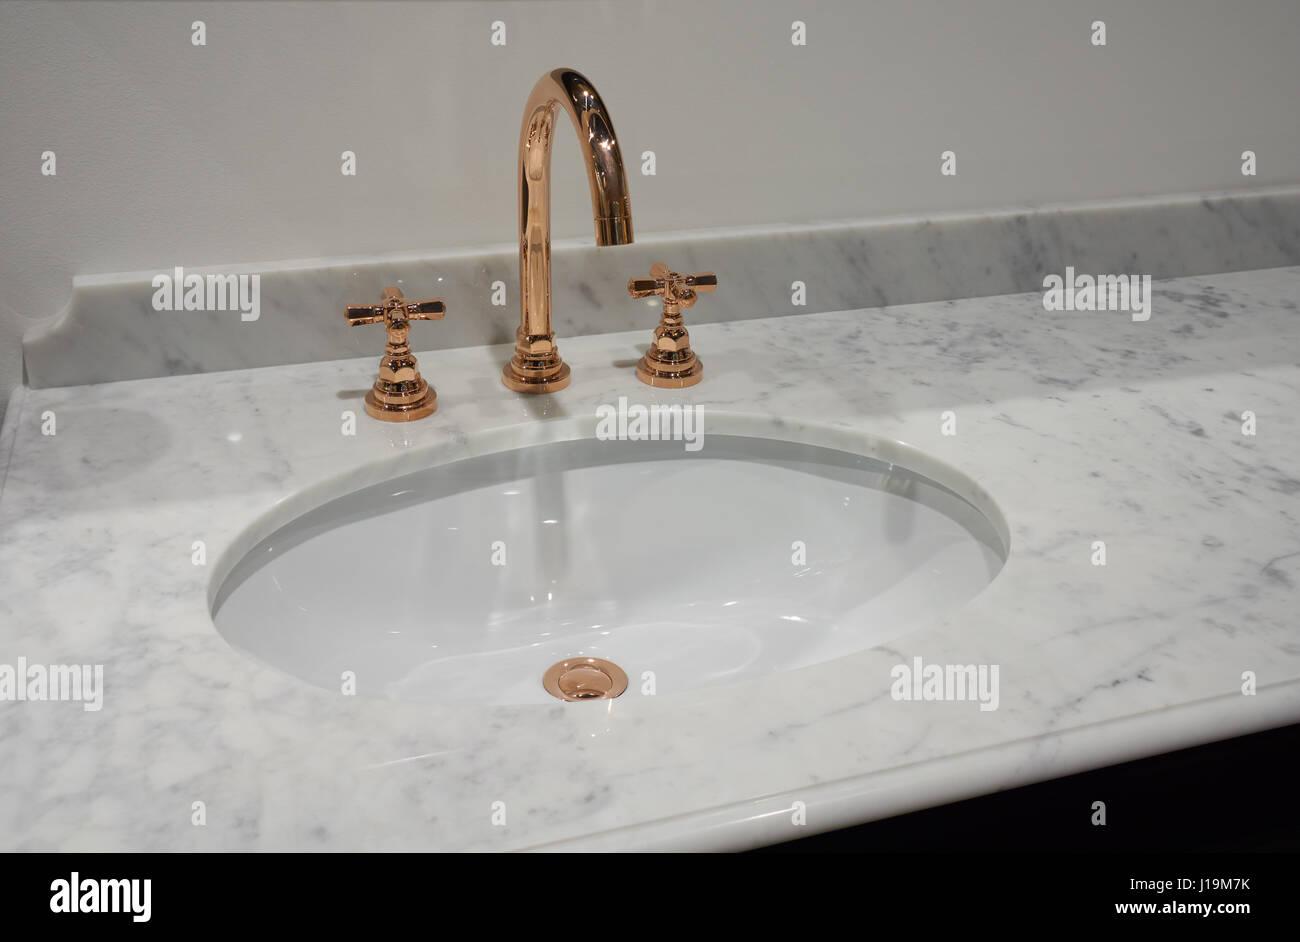 Weiße Einschub Keramik Waschbecken in Marmor-Tisch und Kupfer Metall ...